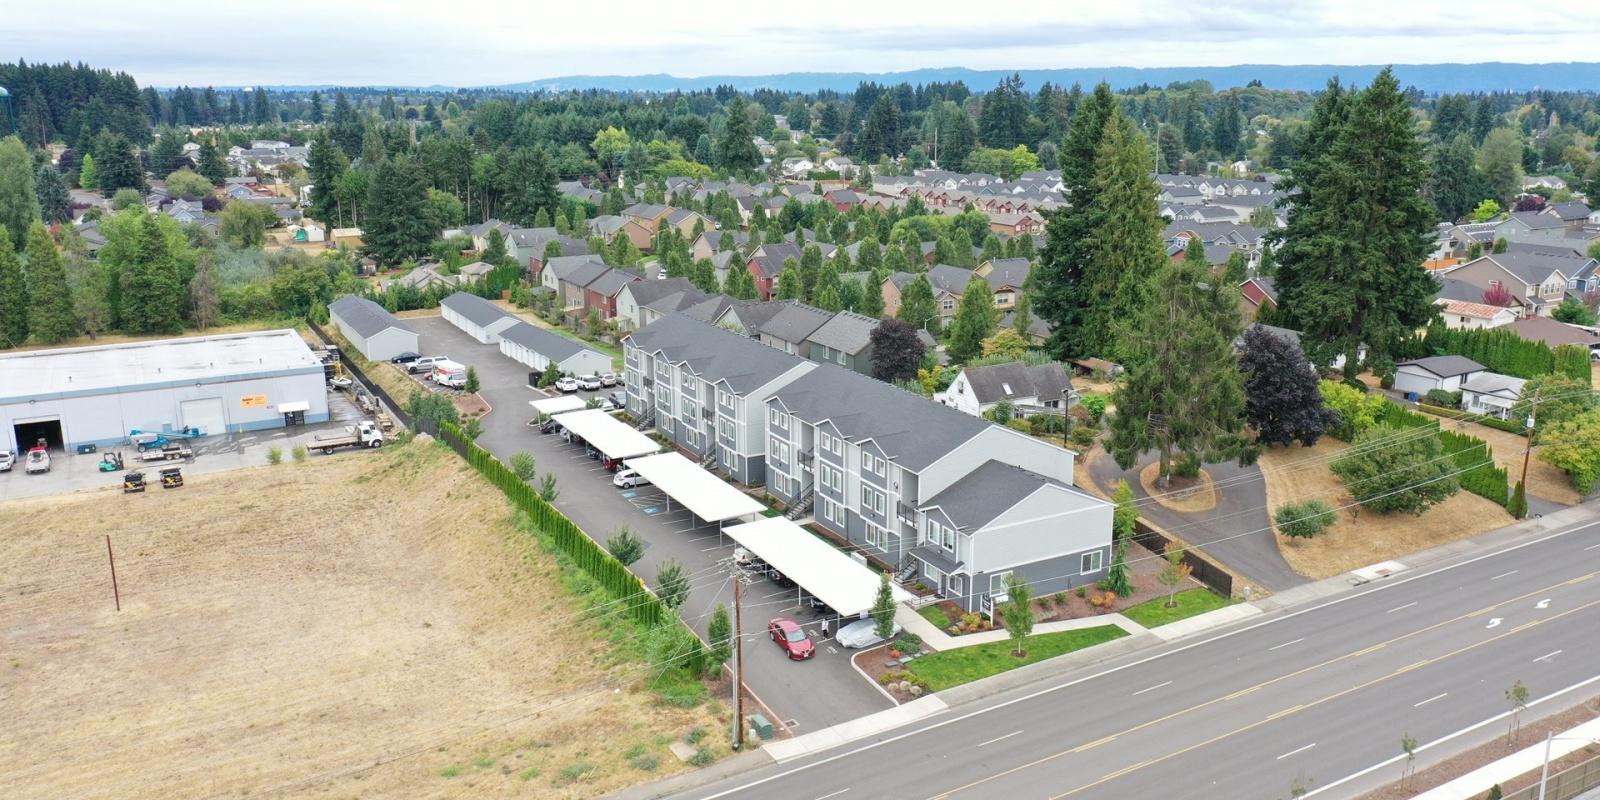 6029 NE 63rd Street, Vancouver, WA, ,1 BathroomBathrooms,Multi-Family,For Sale,6029 NE 63rd Street, Vancouver, WA,1496